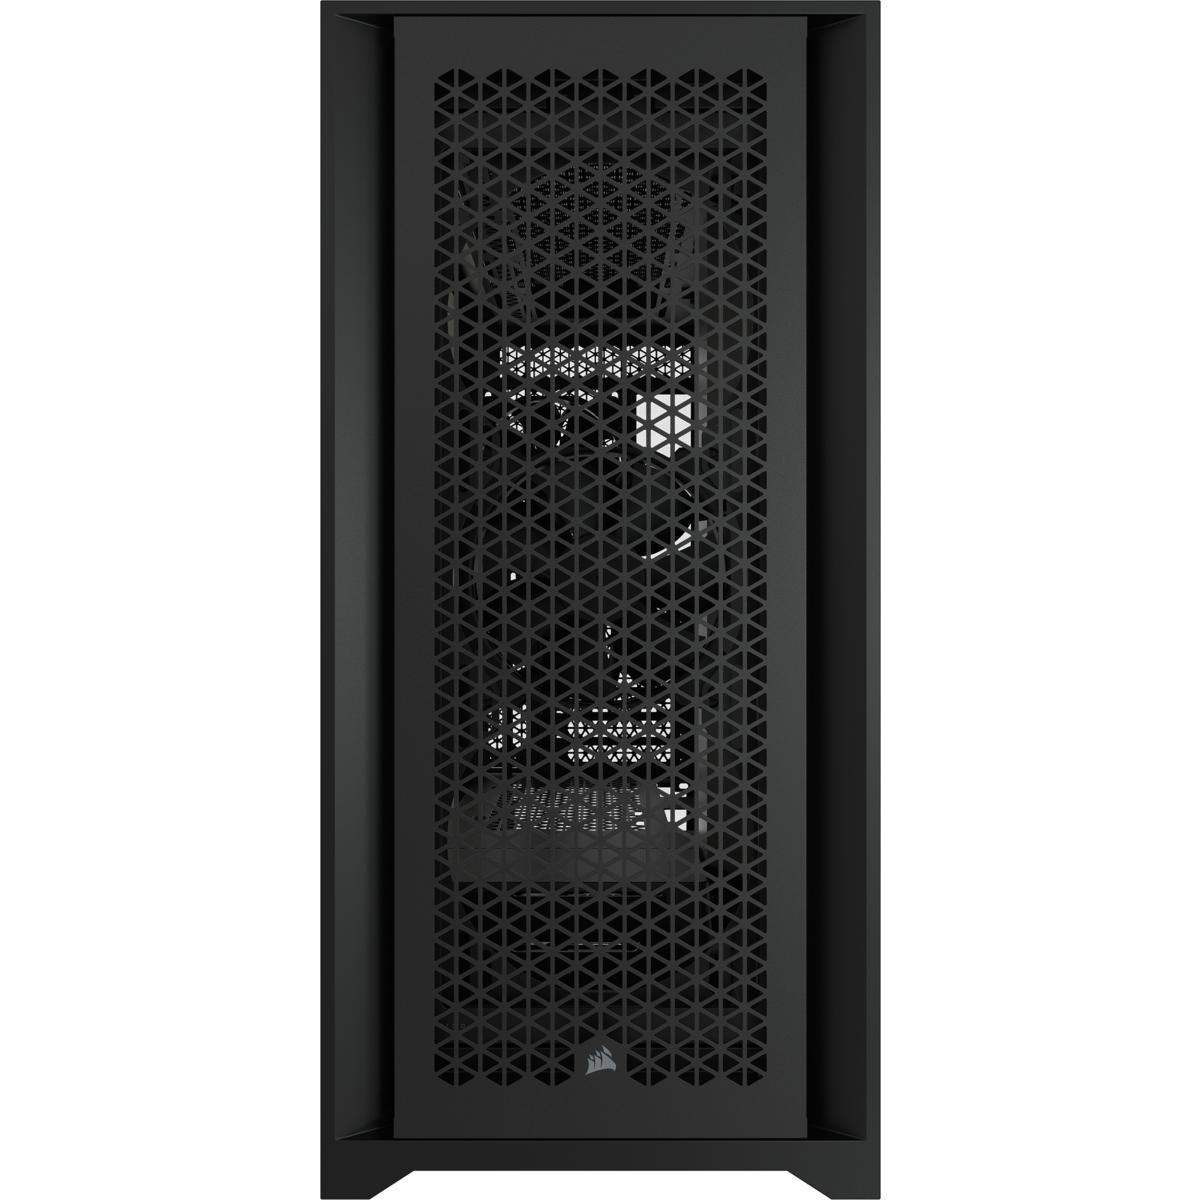 base-5000d-airflow-gallery-5000d-af-black-11